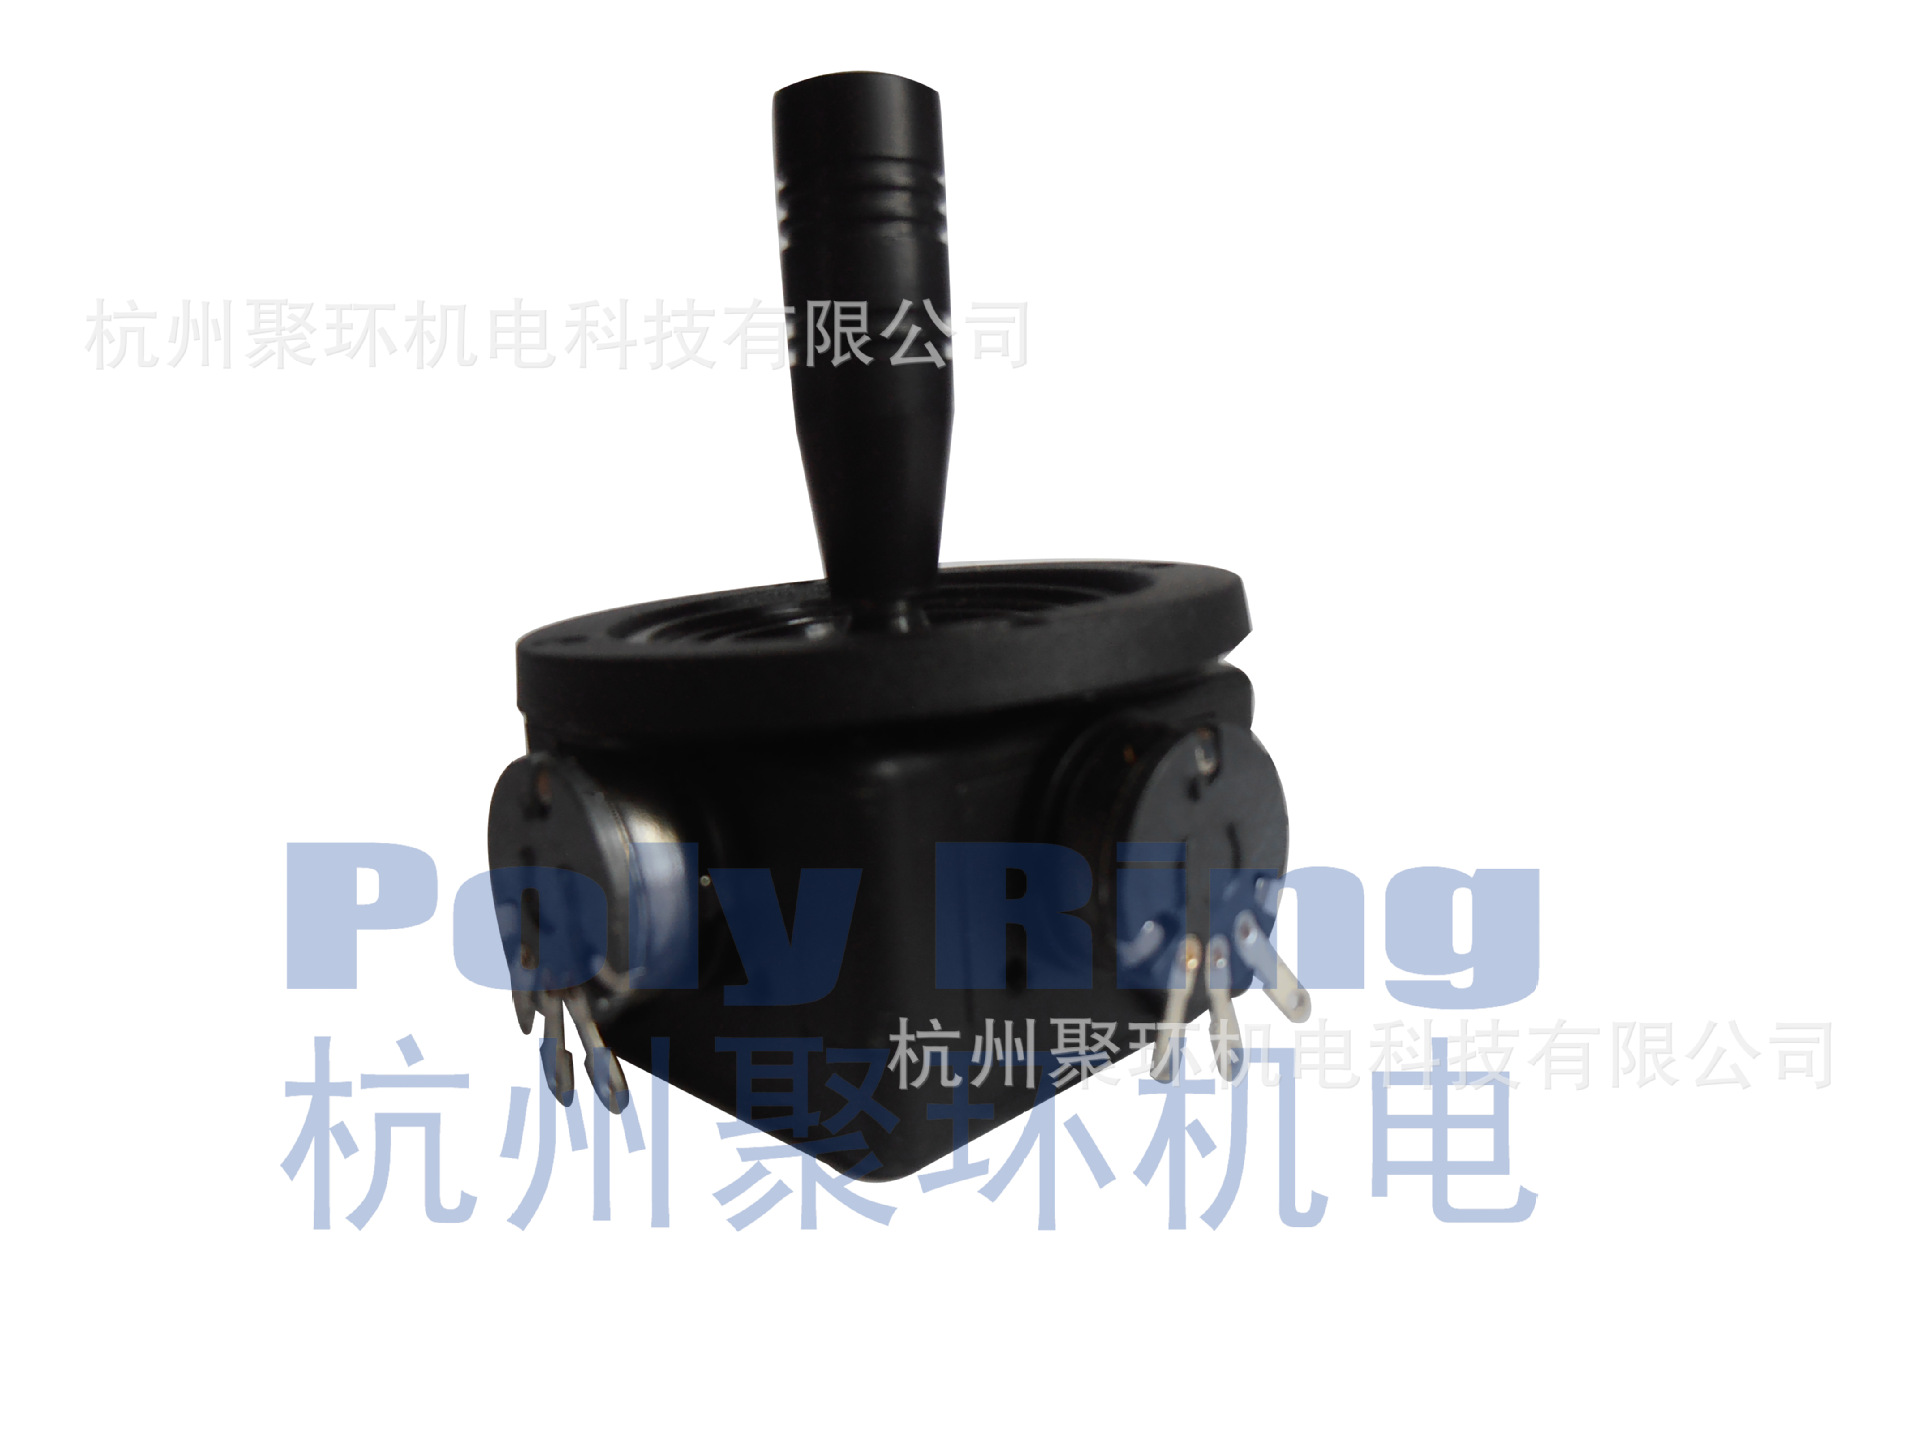 厂家直销2维精细摇杆 视频监控系统 安防监控、视频切换、